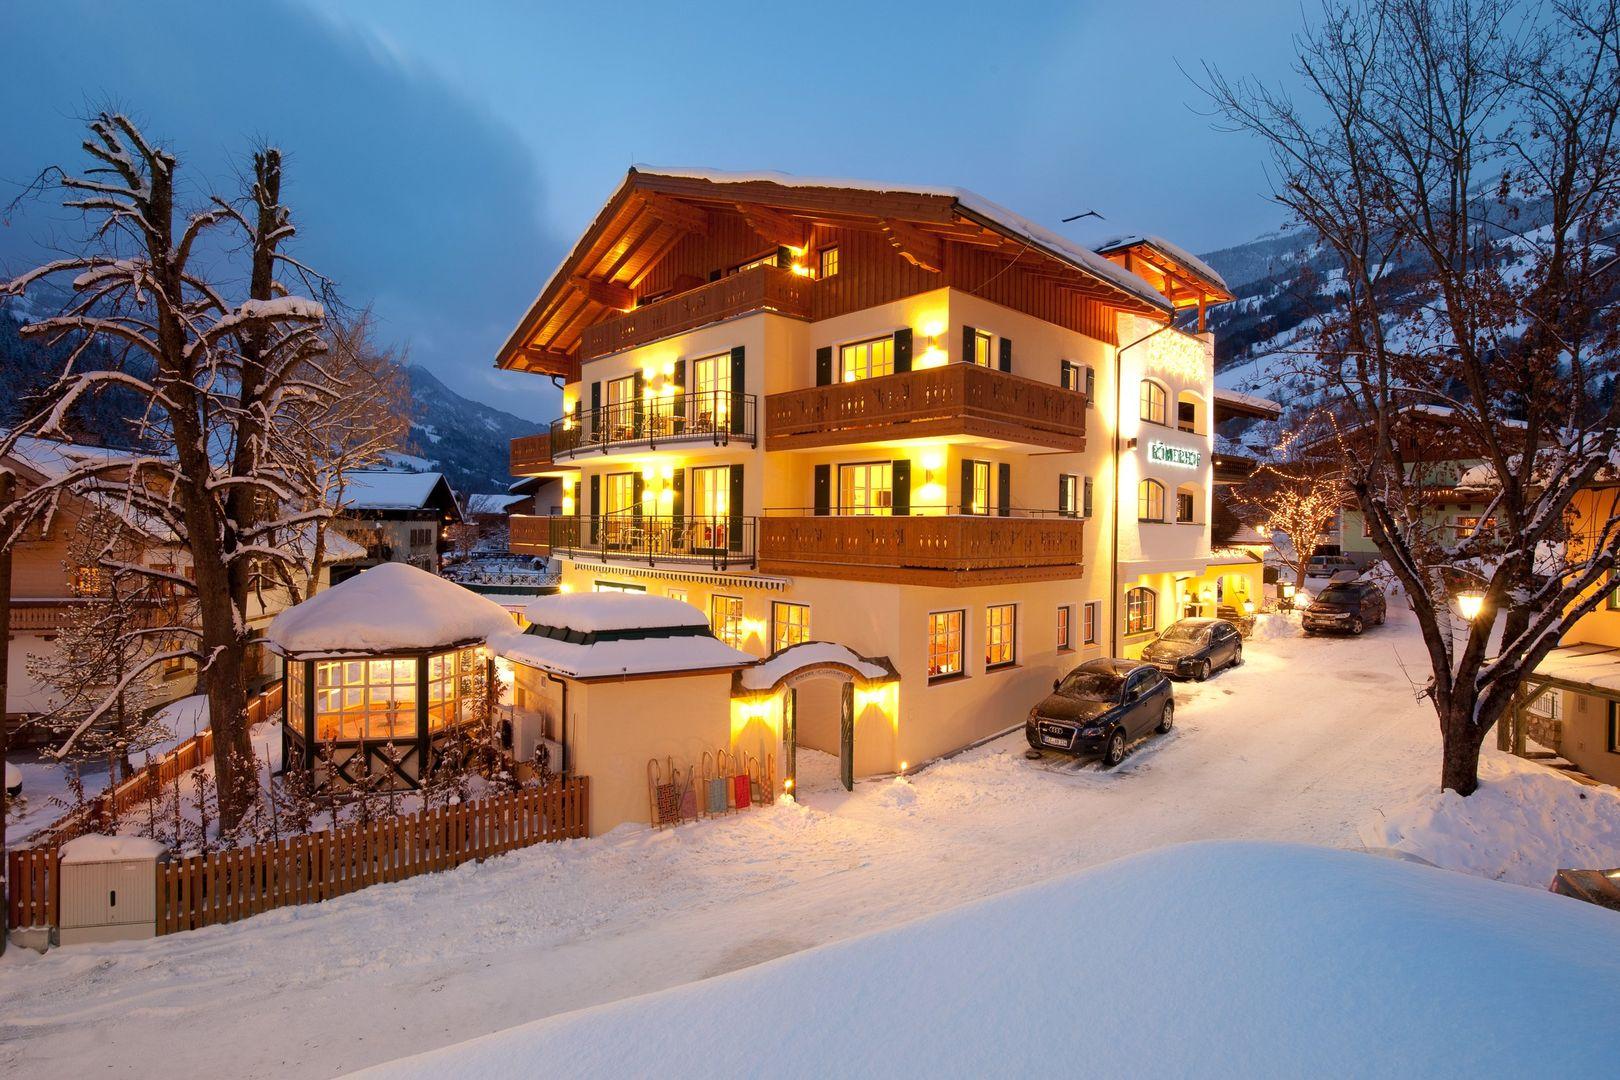 Hotel Dorfgastein - Landhotel Romerhof